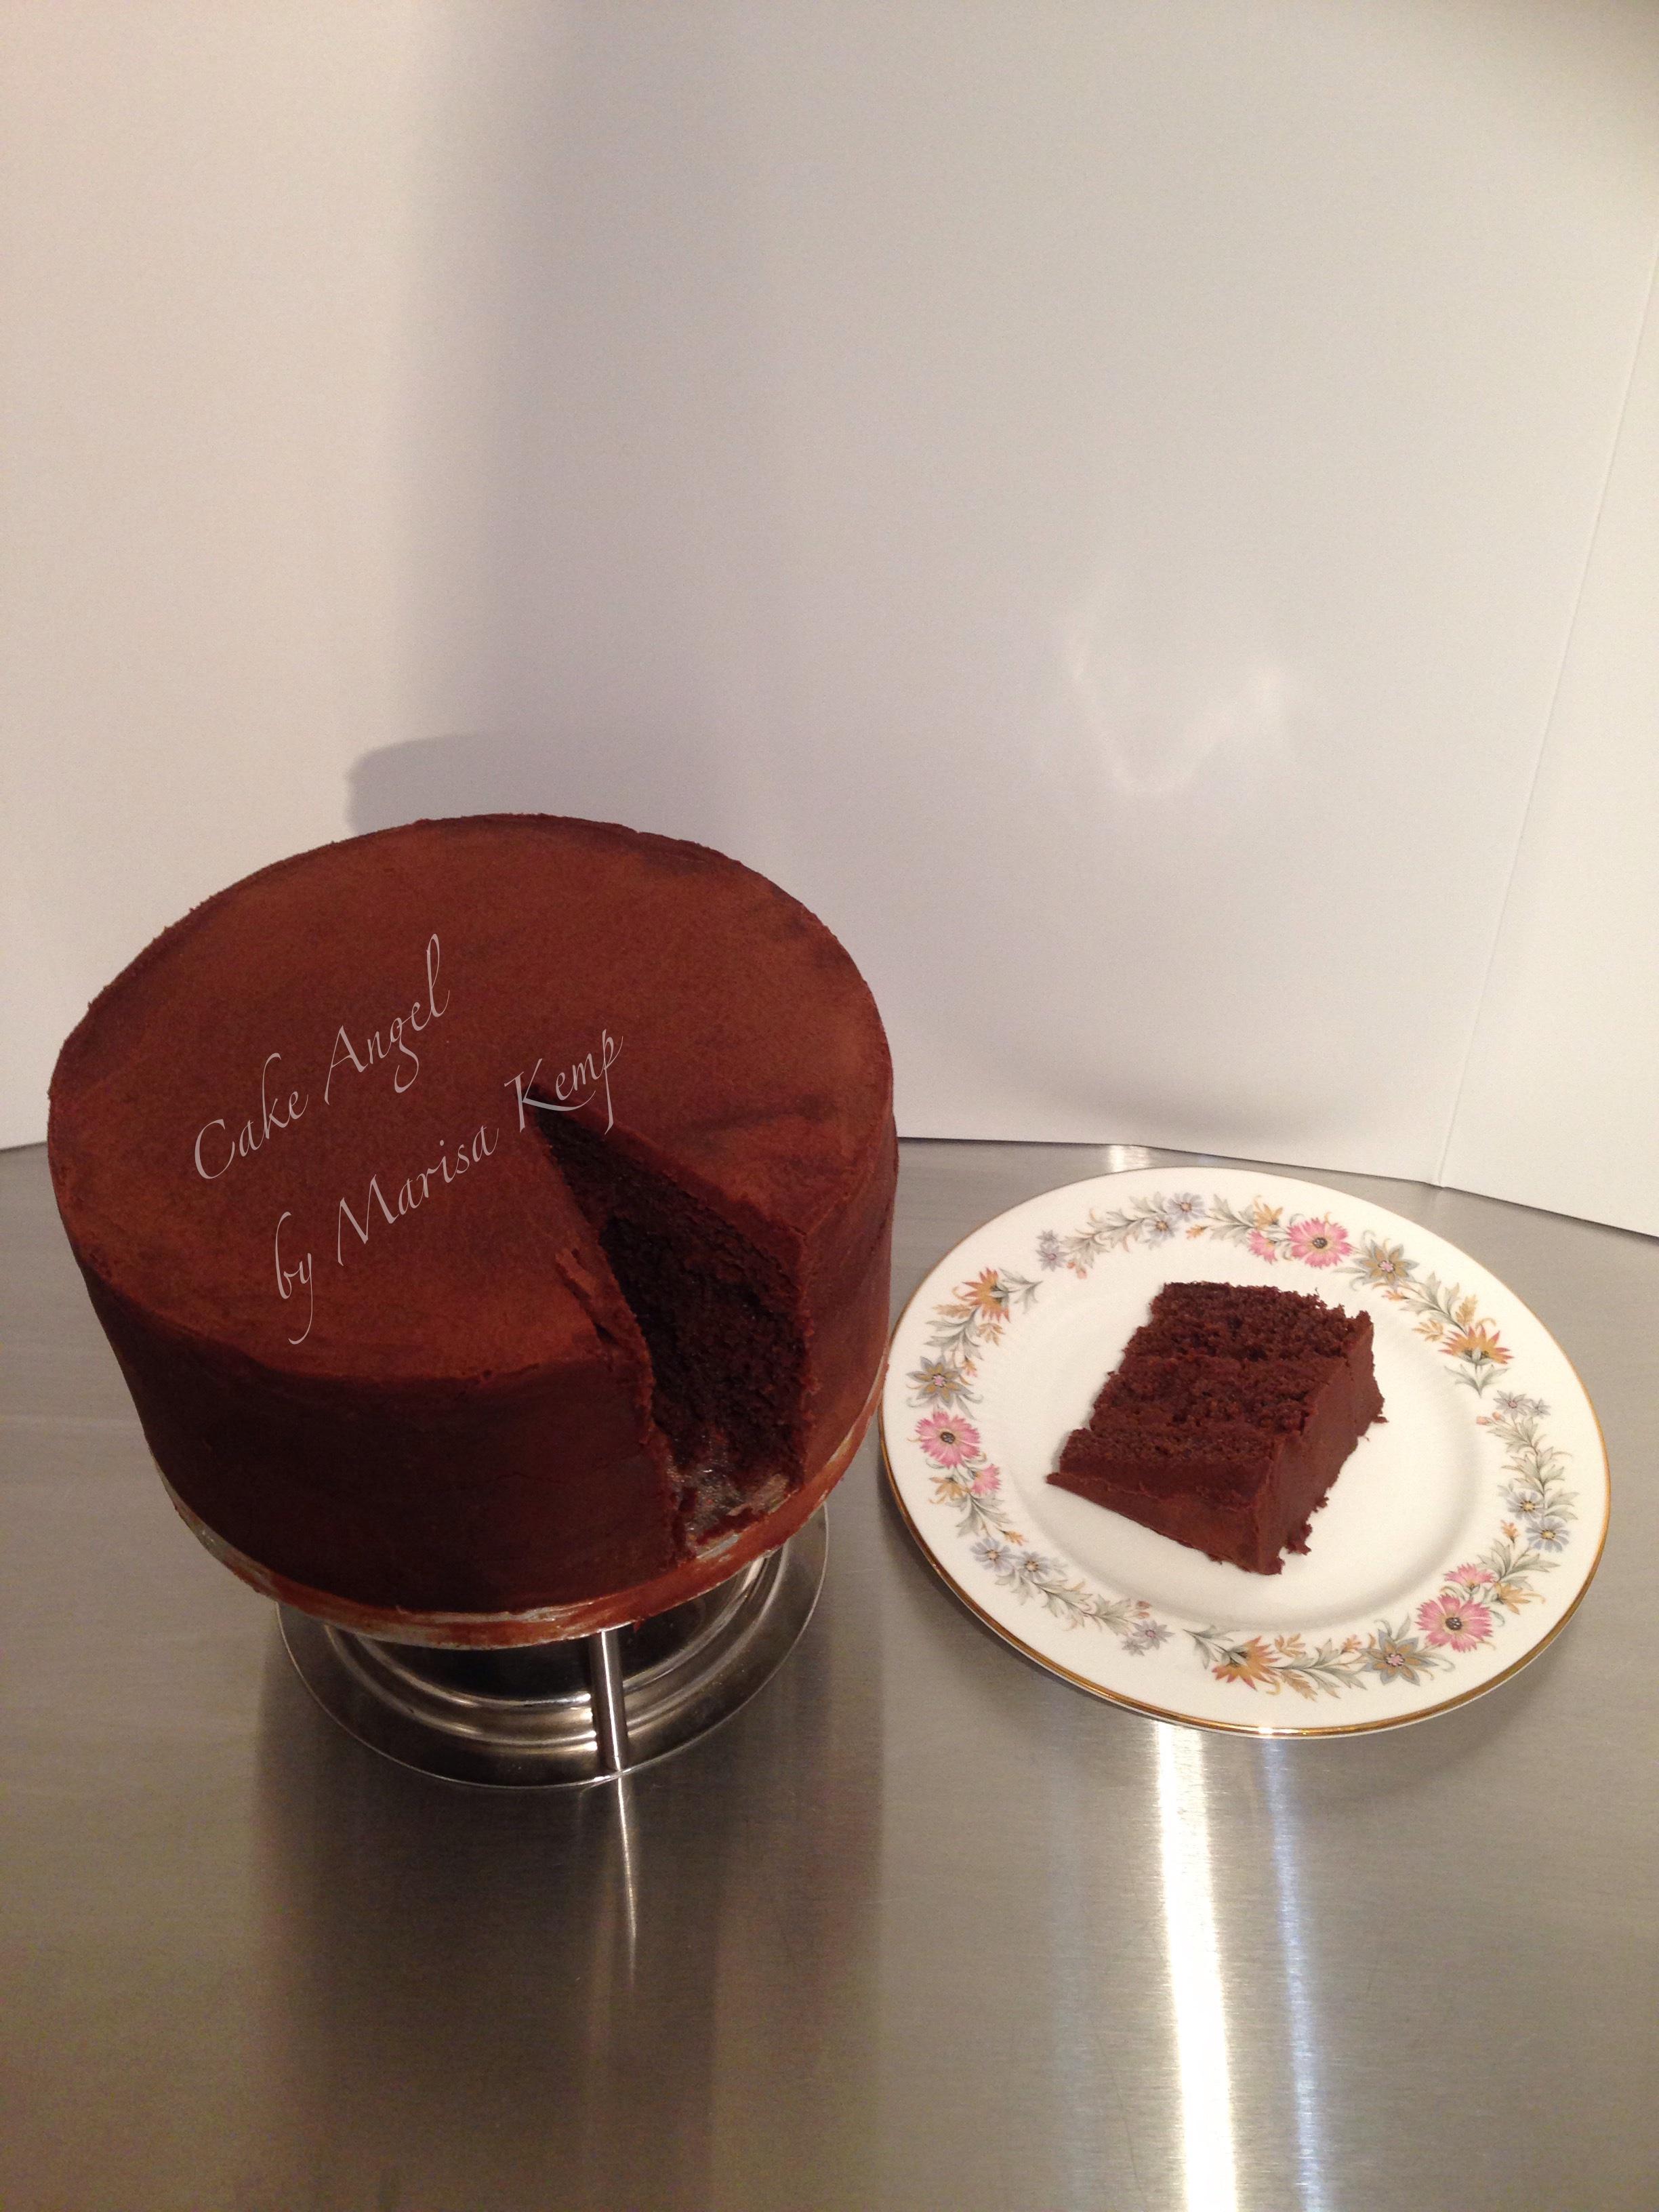 Chocolate Genoese Sponge